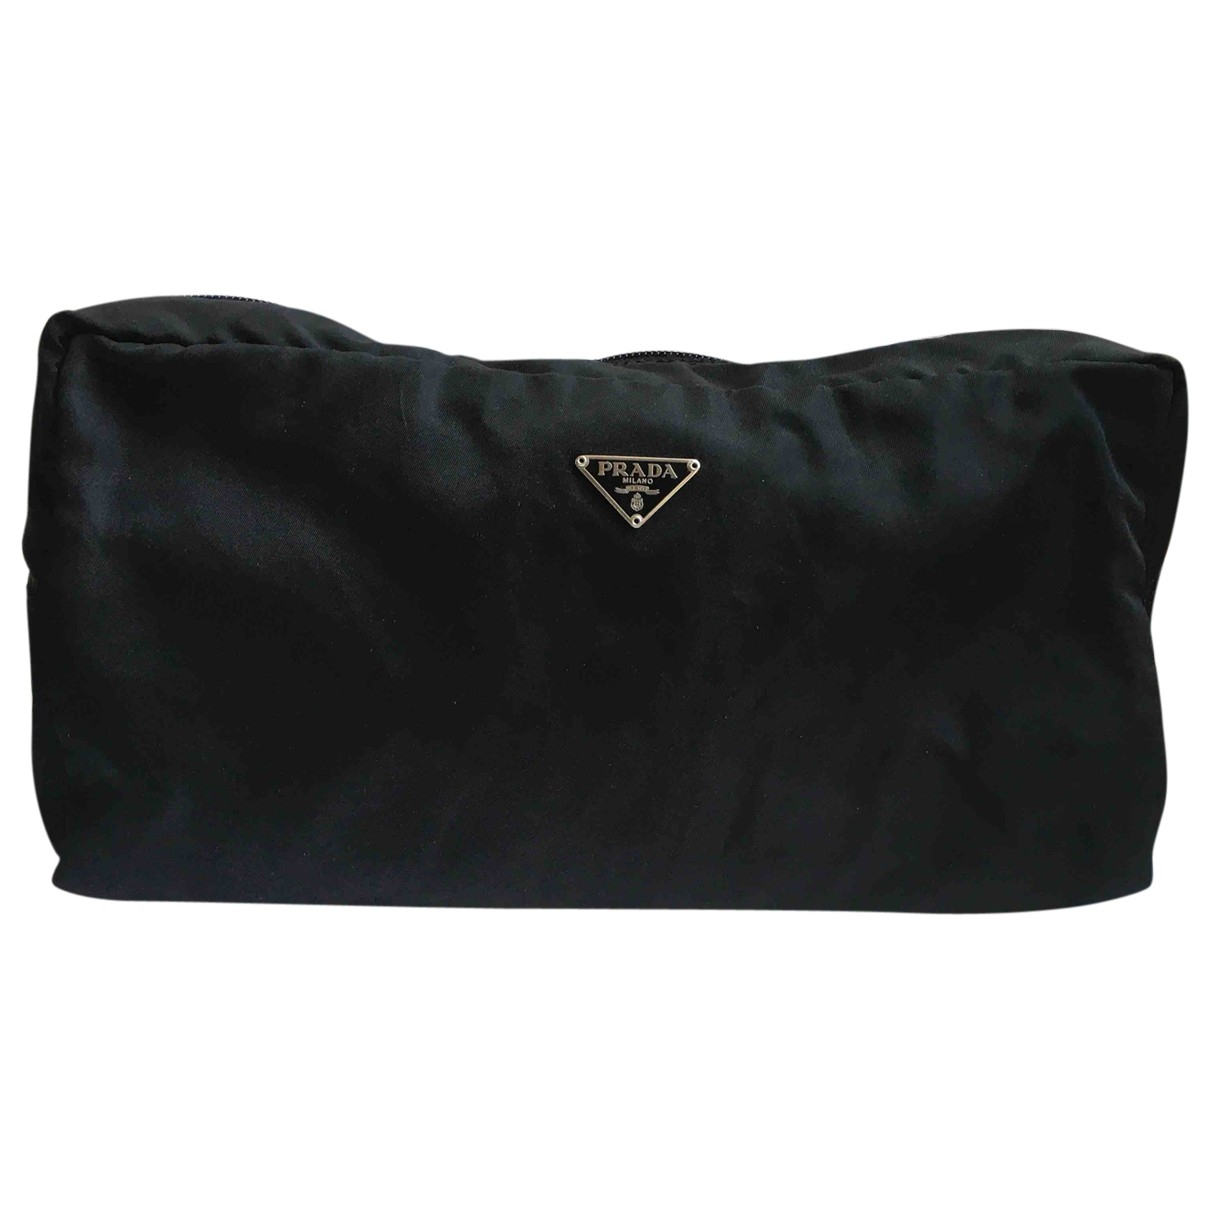 Prada - Pochette   pour femme en toile - noir